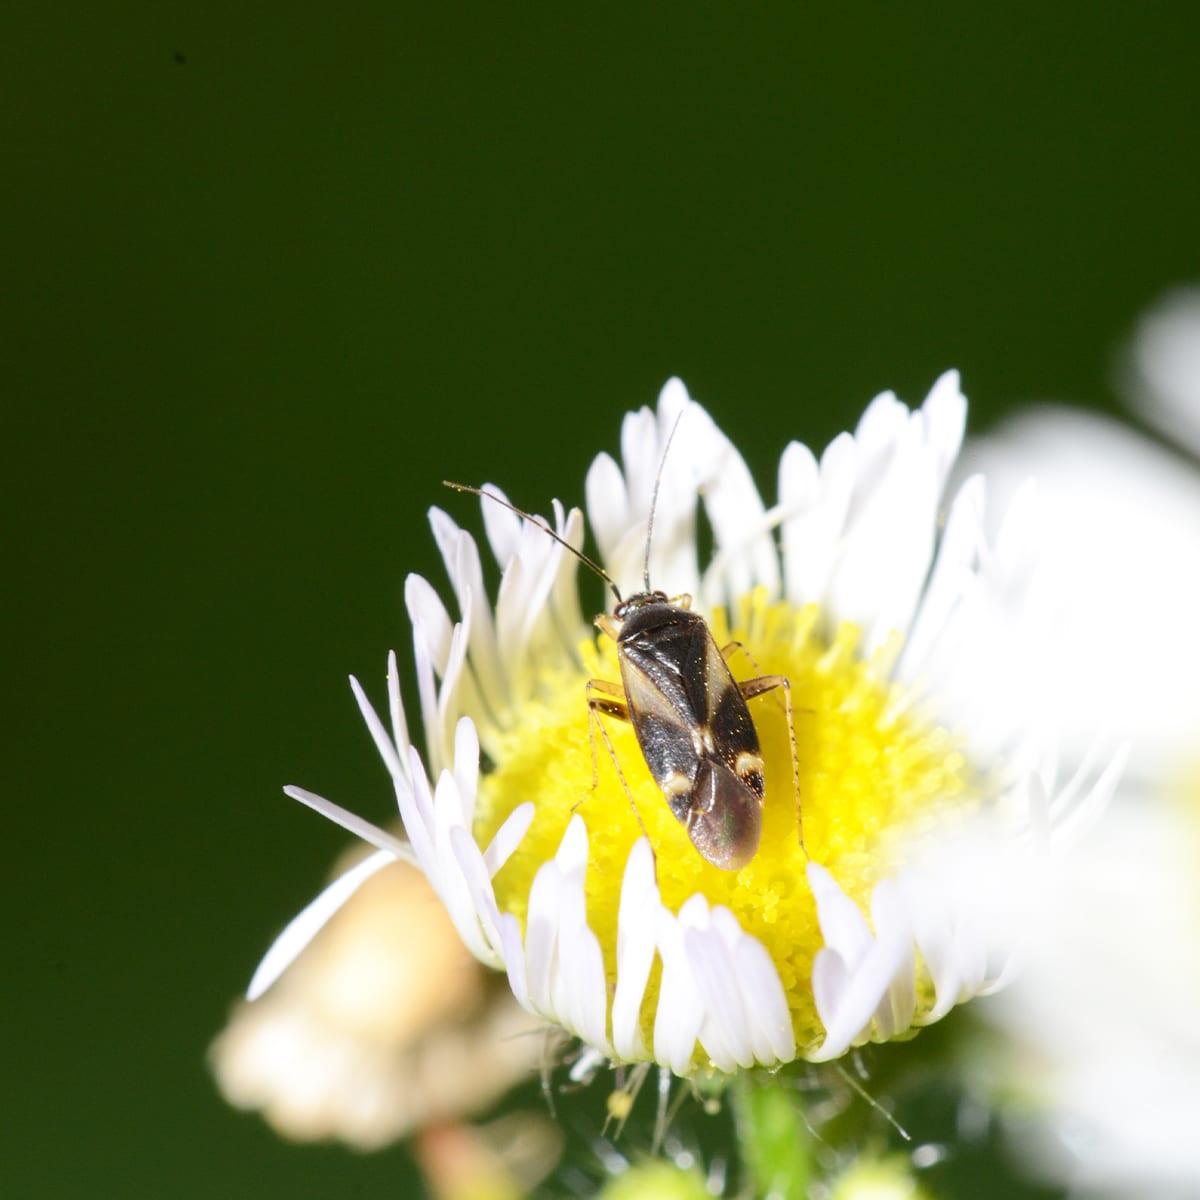 Mini Pirate Bug